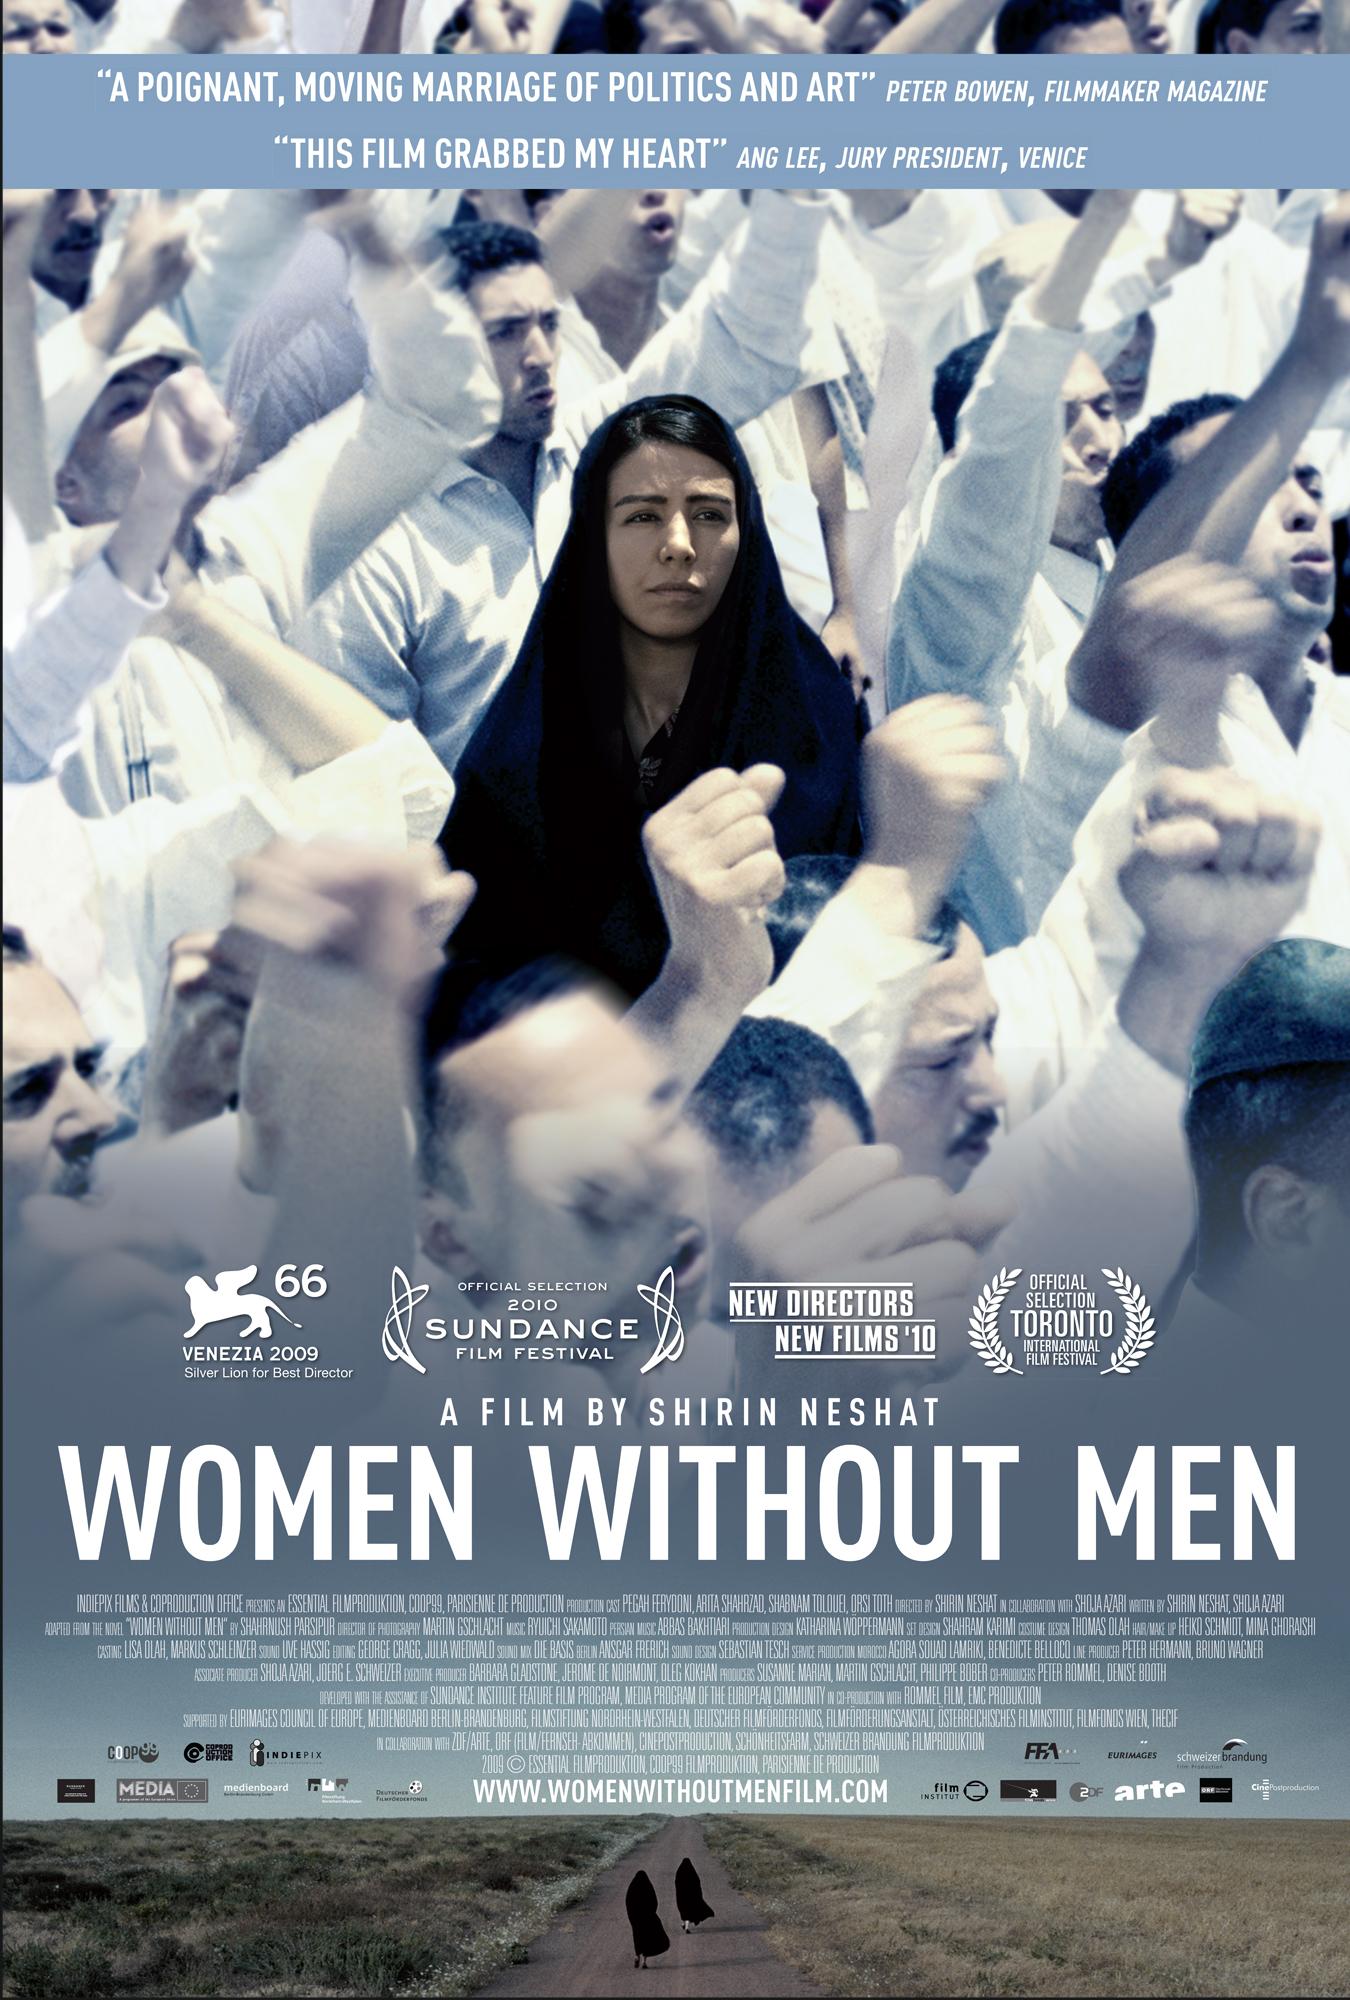 women-without-men-poster_12254179433_o.jpg